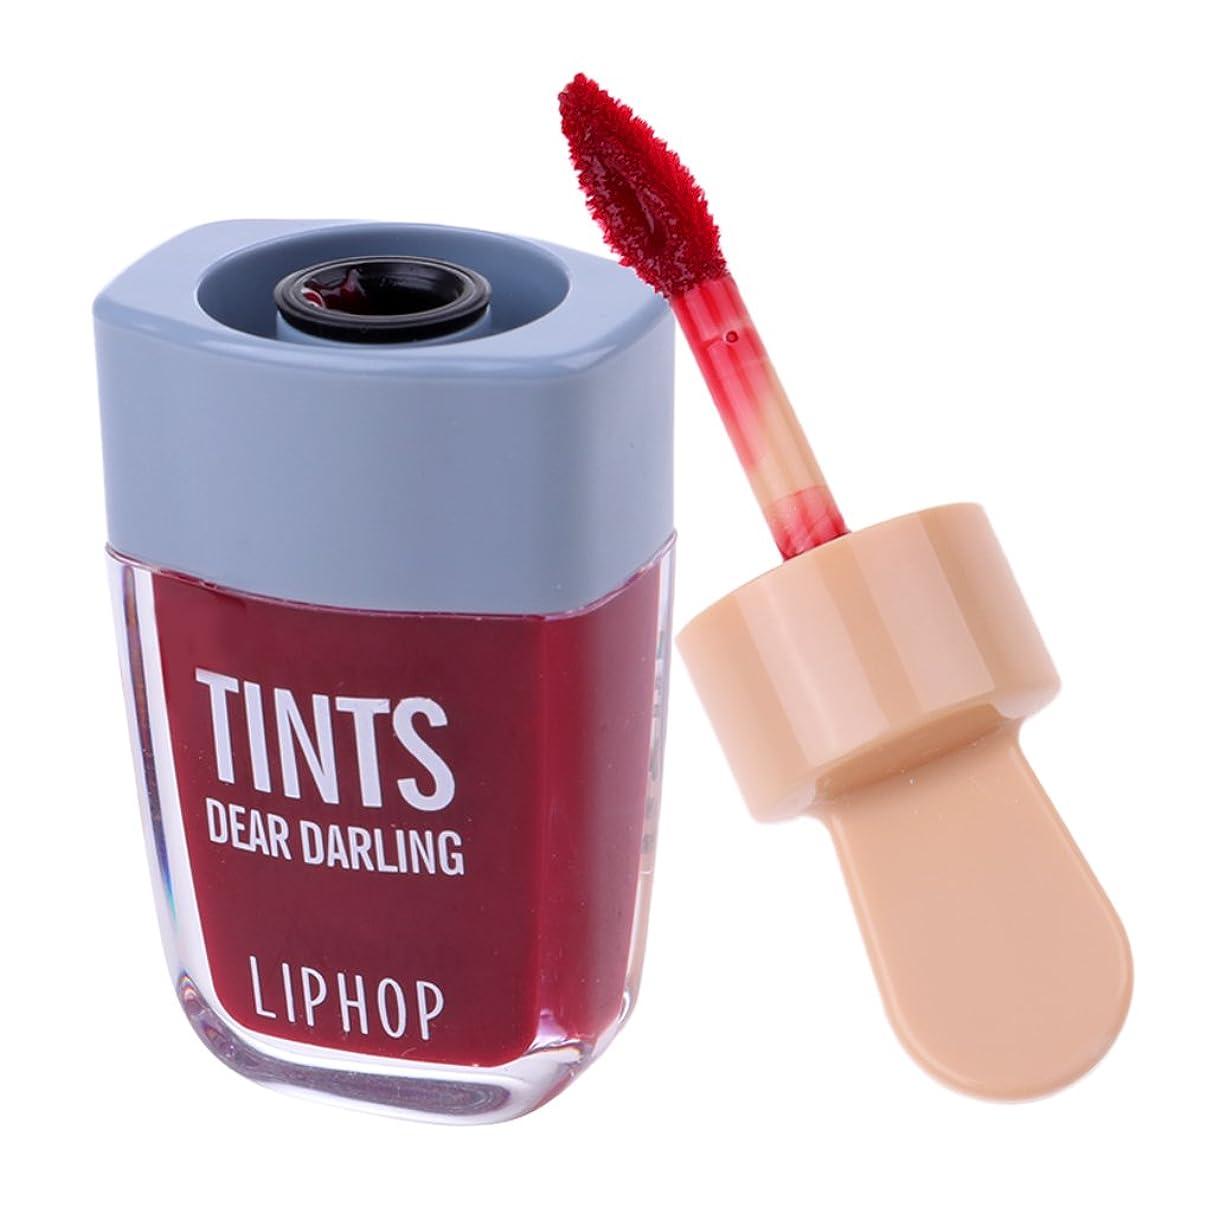 艶コンソール元気Baosity リップグロス リップライナー 口紅 長持ち 防水 魅力的 カラーメイク 6色選べる - ワインレッド